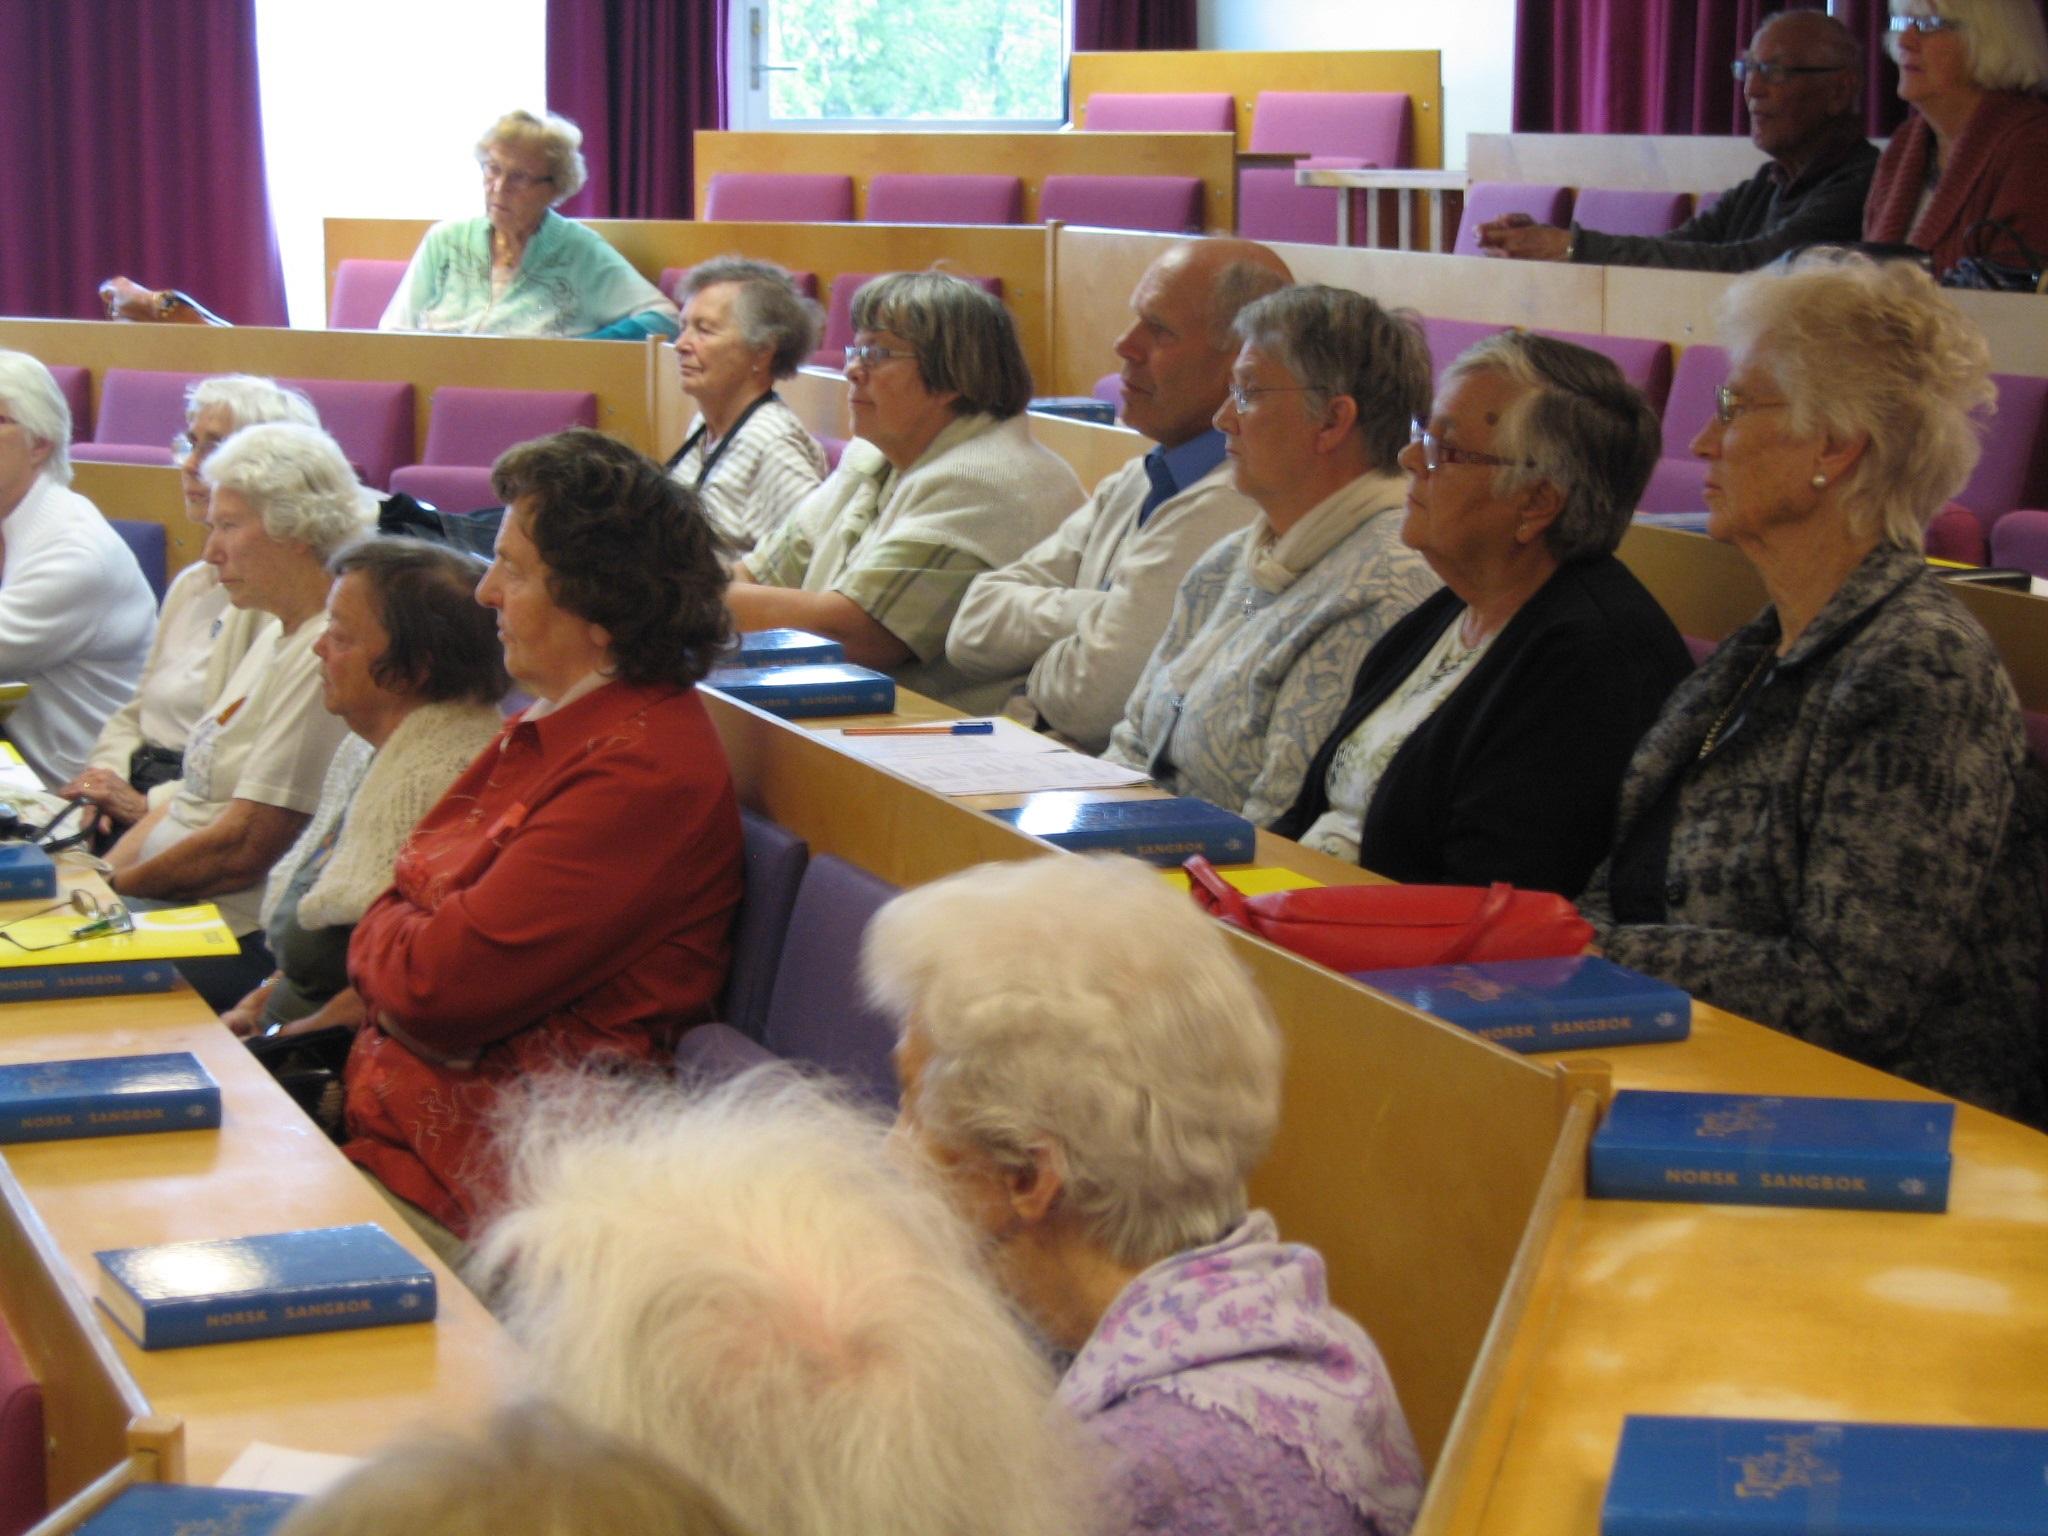 Eldre mennesker i et klasserom